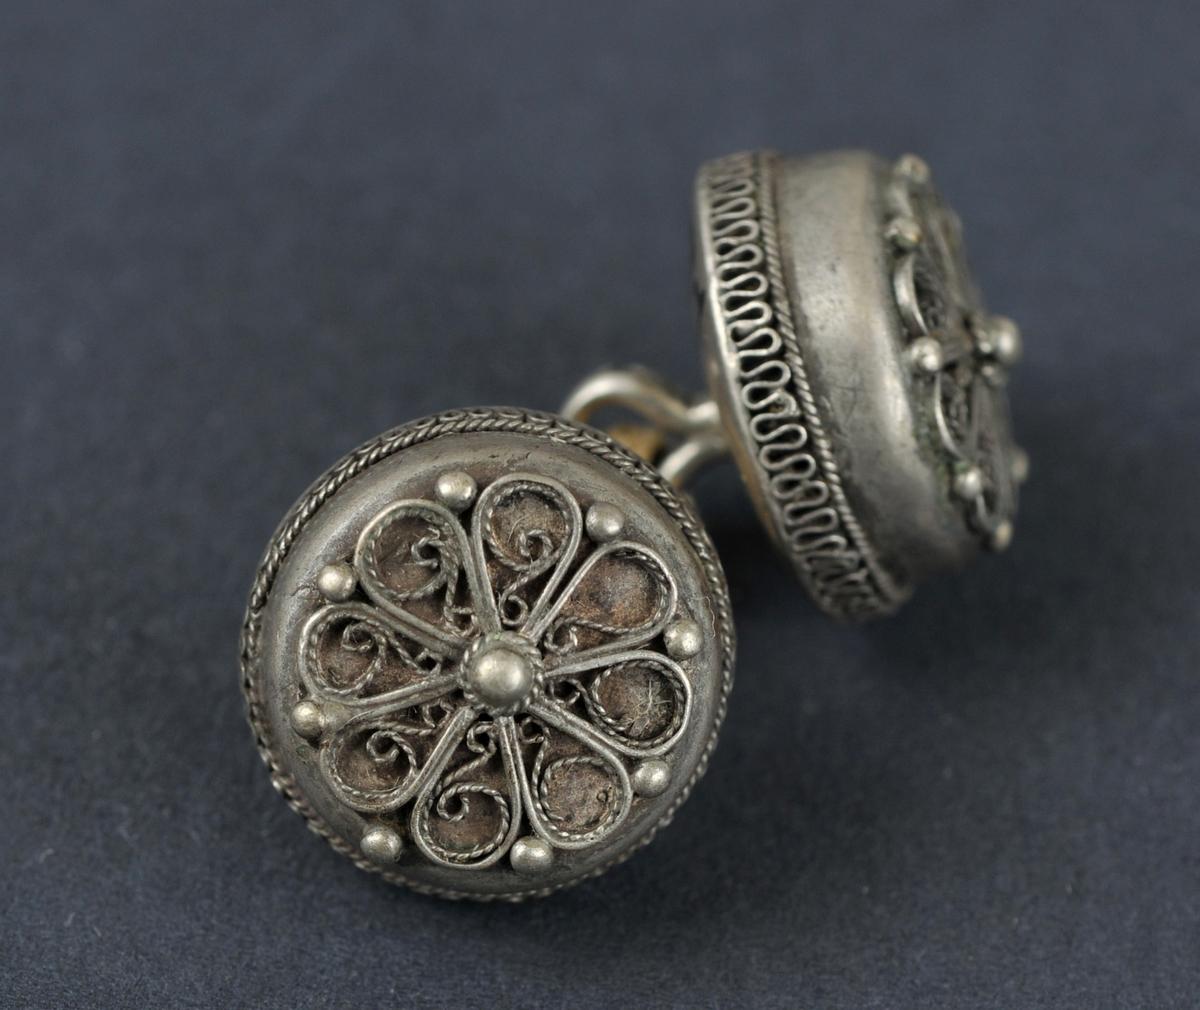 To knappar sett saman med bomullstråd. Flate på toppen med ein rosett m/8 blad i tvunnen sylvtråd. 8 små knuppar langs kanten og ein større på midten.